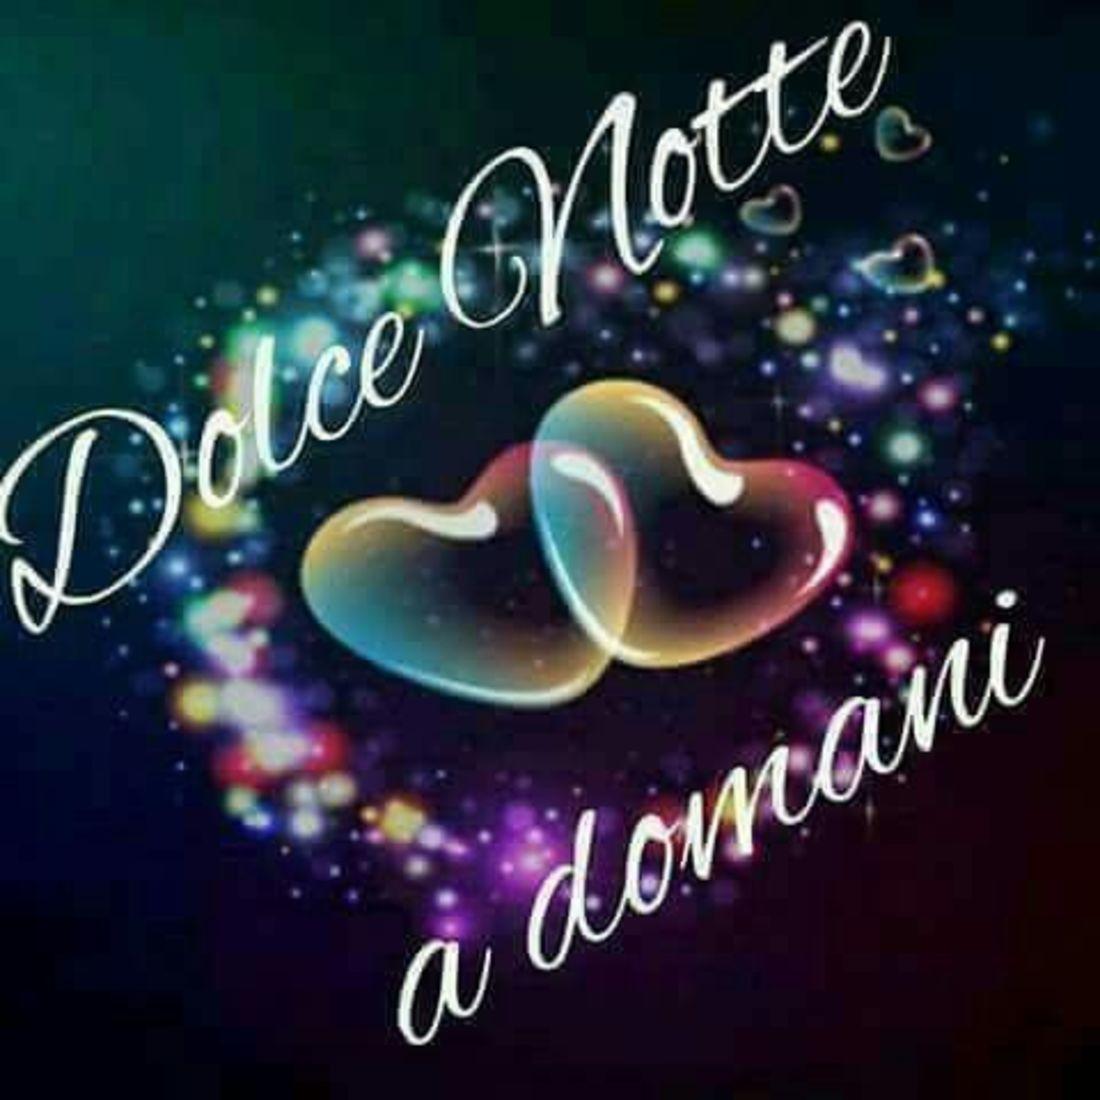 Immagini Di Buonanotte Con Il Cuore 8 Immaginiwhatsapp It